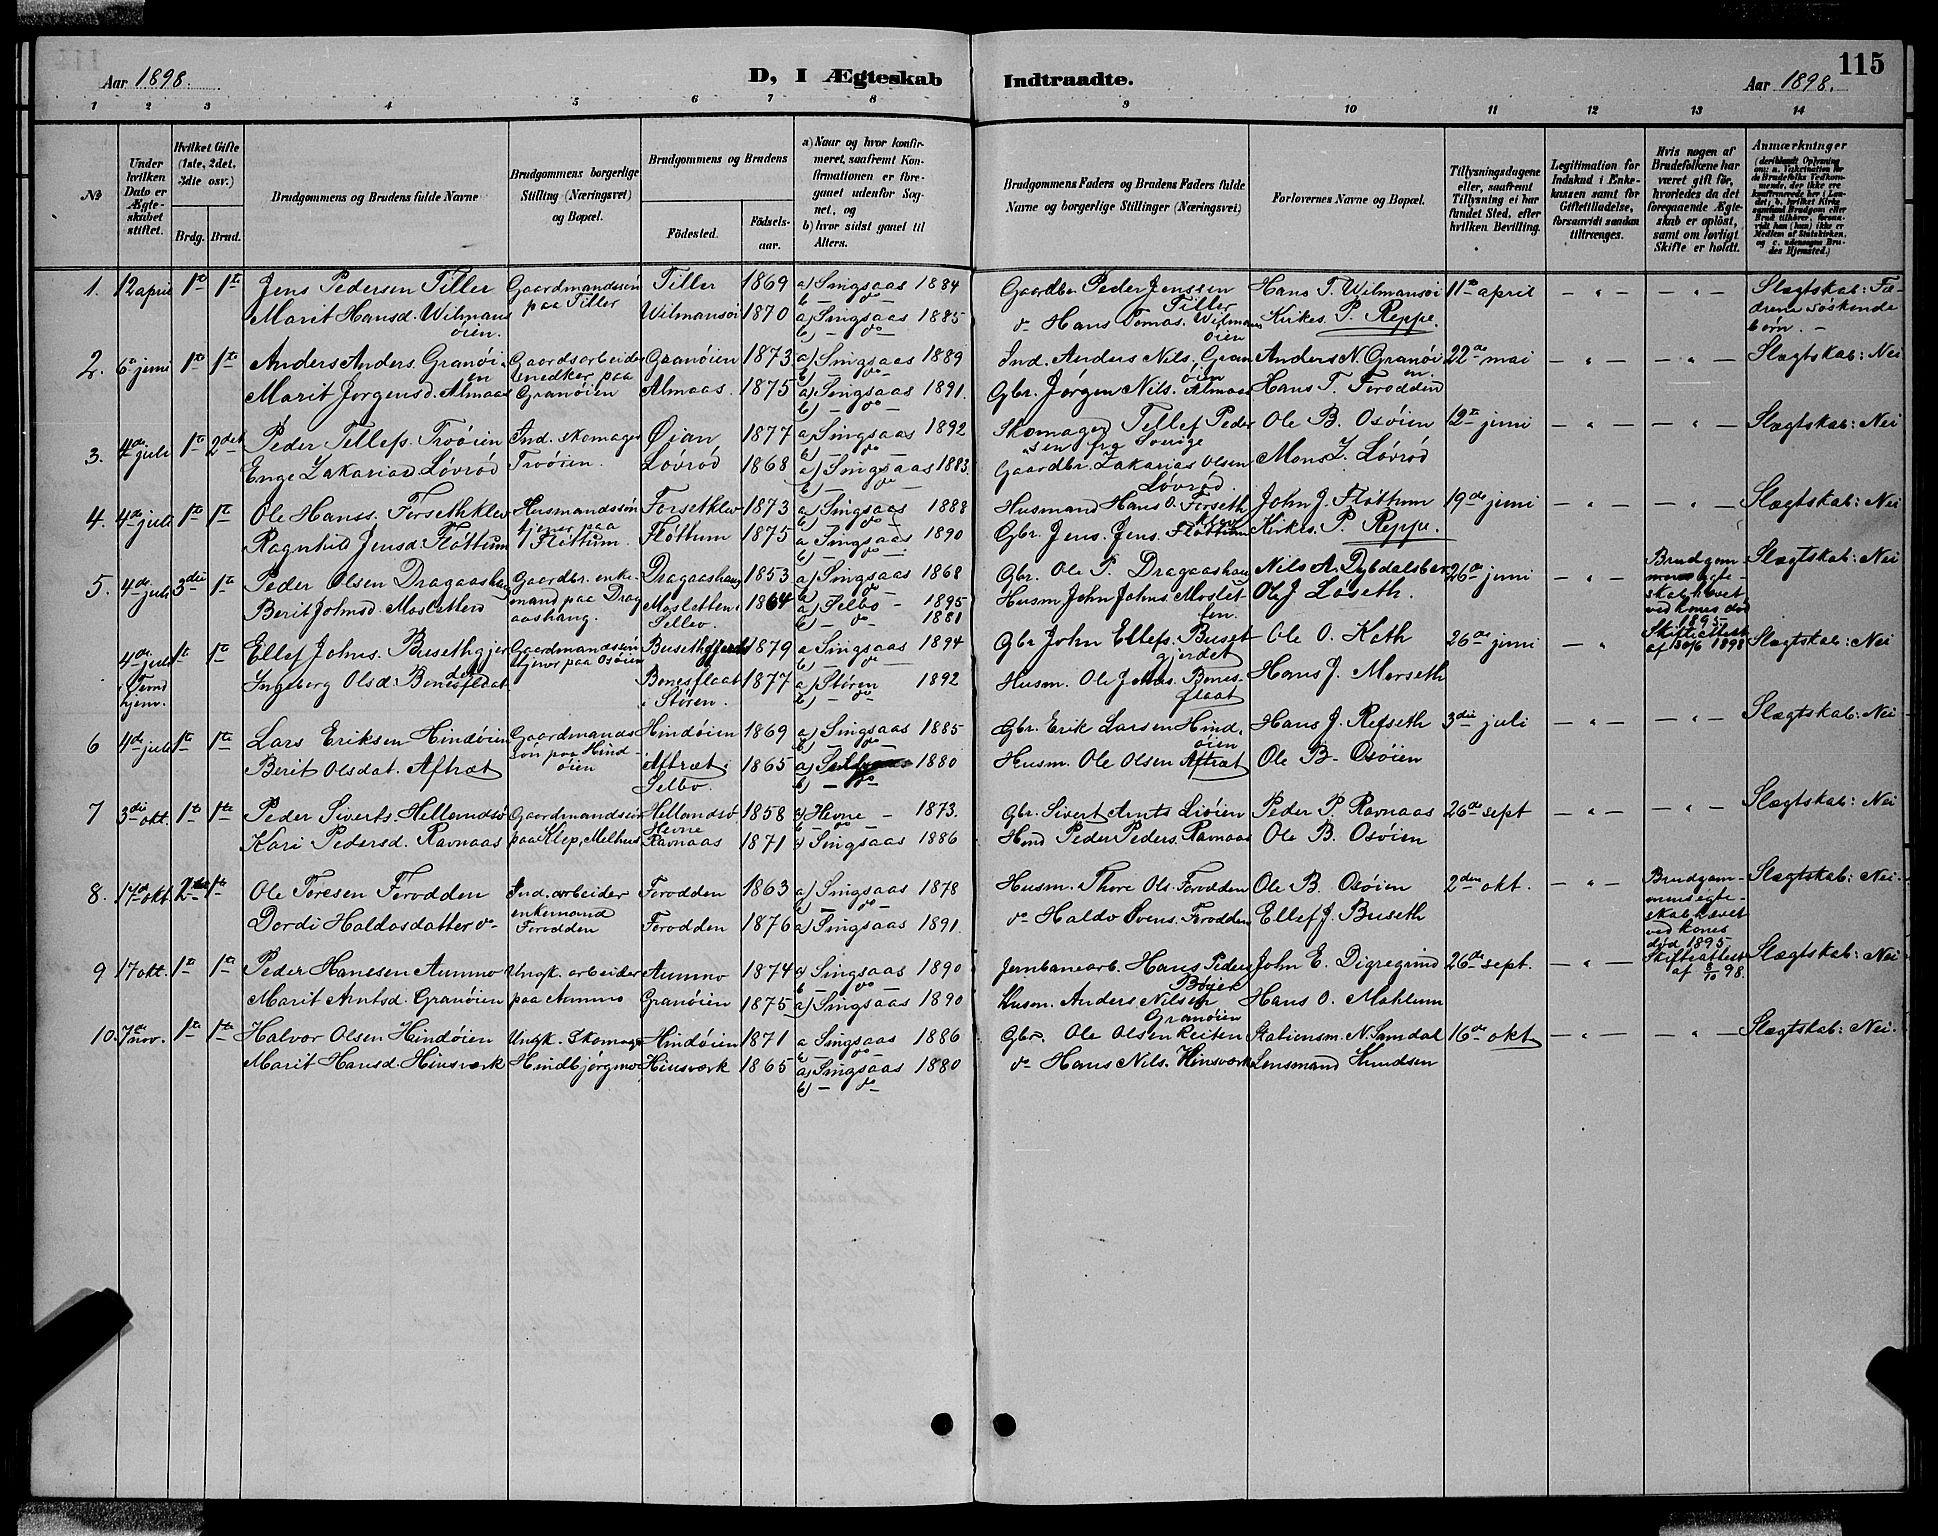 SAT, Ministerialprotokoller, klokkerbøker og fødselsregistre - Sør-Trøndelag, 688/L1028: Klokkerbok nr. 688C03, 1889-1899, s. 115